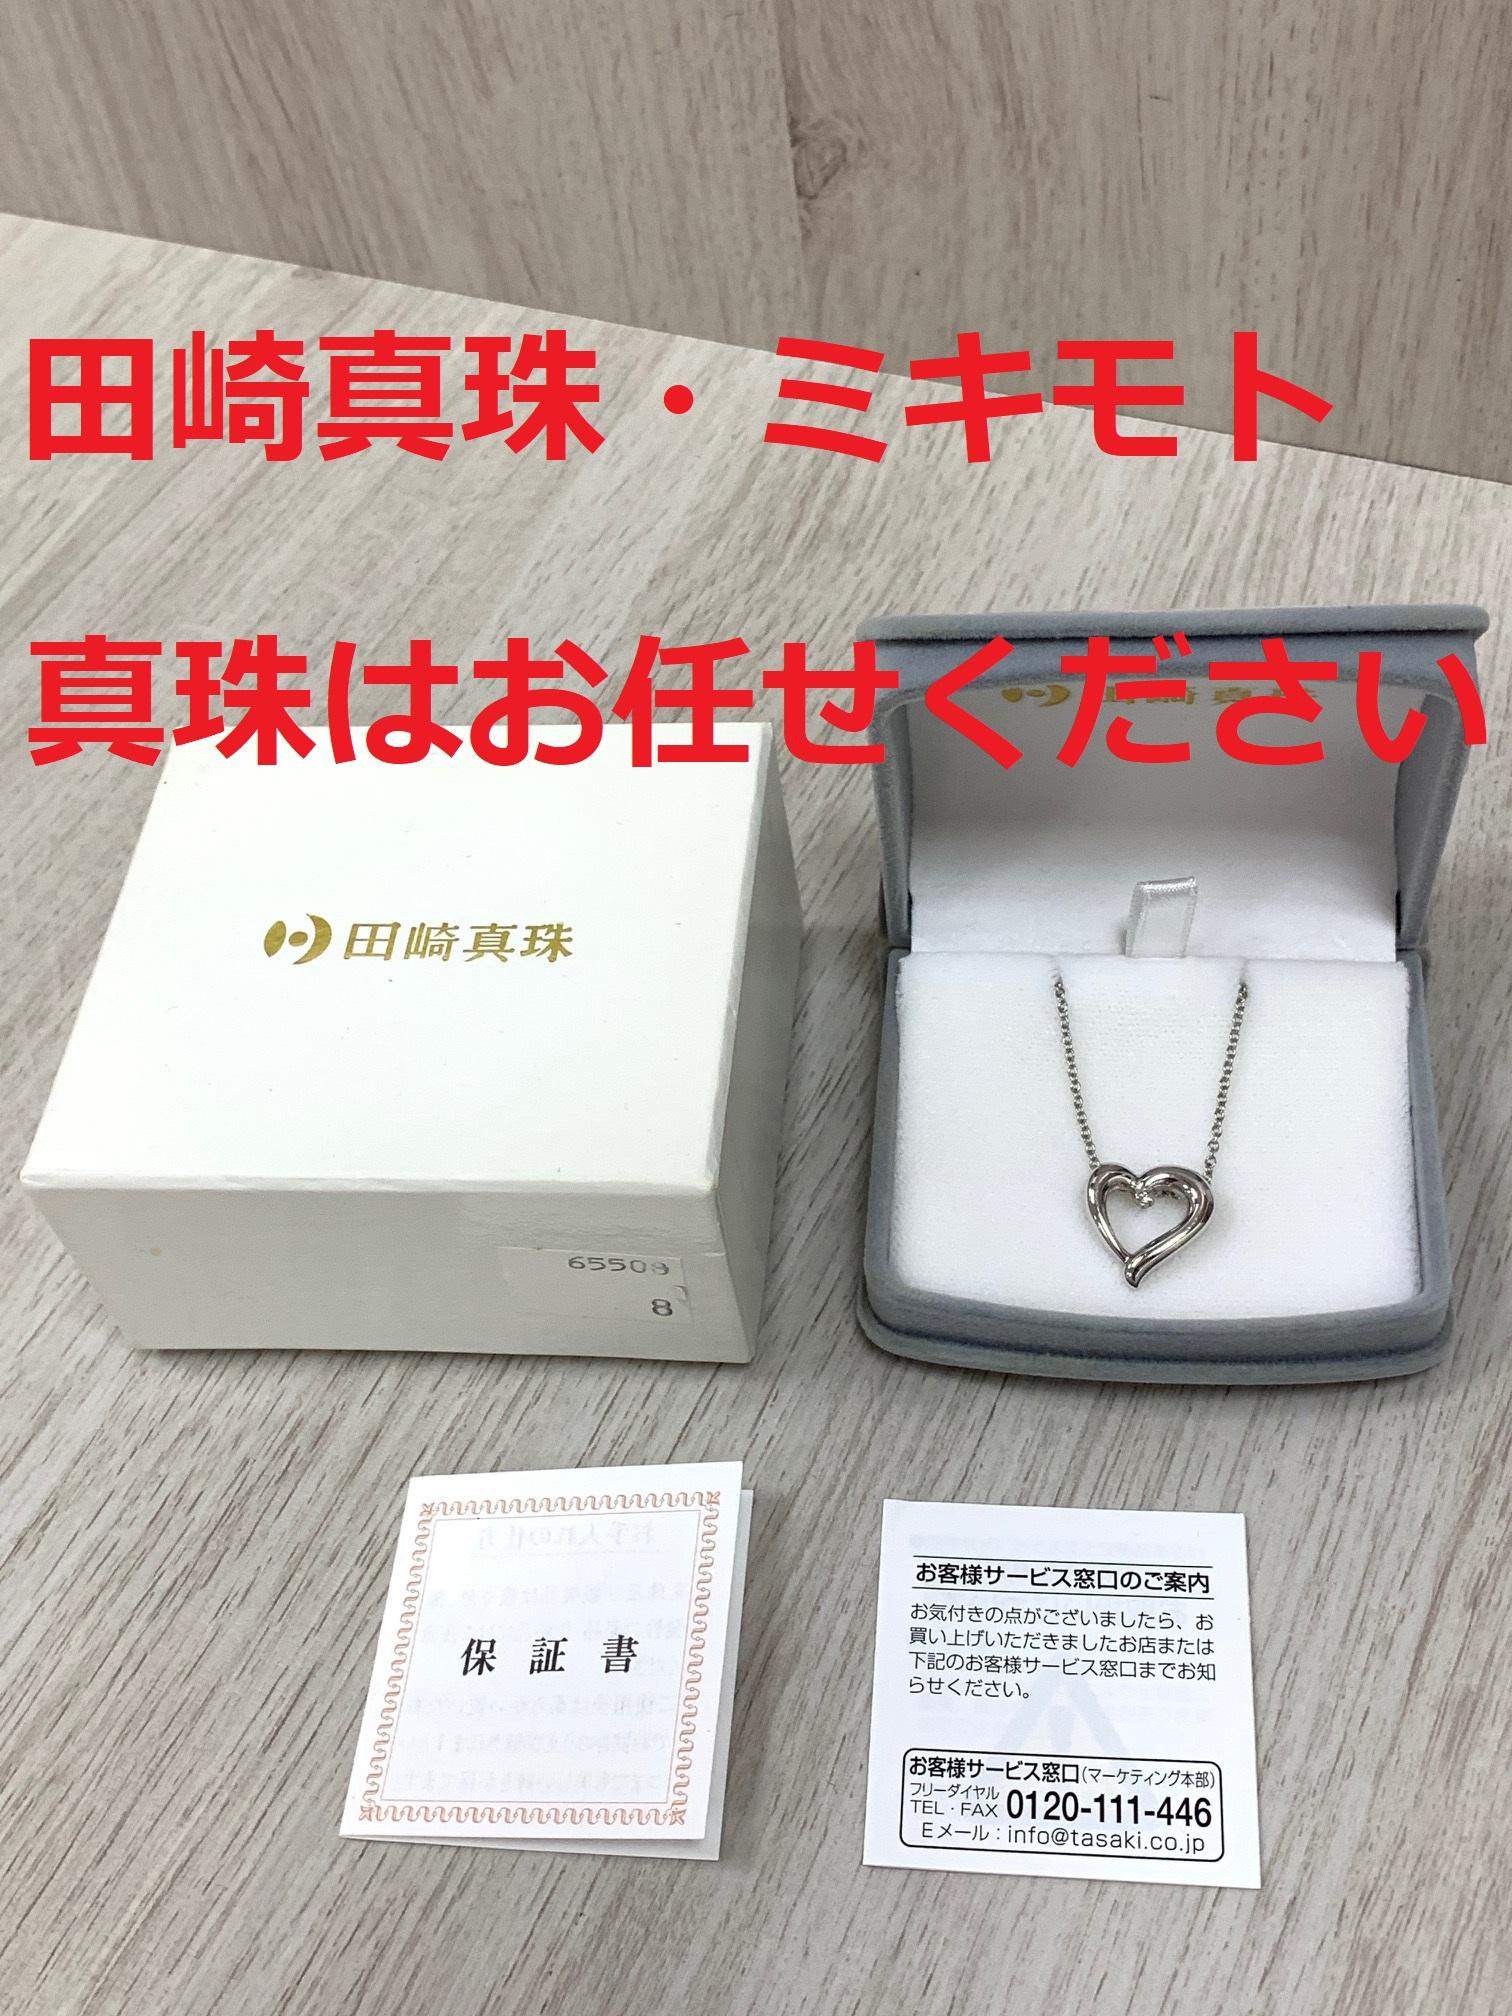 買取わかばイオン藤沢湘南ライフタウン店田崎真珠ネックレス高価買取させて頂きました!金製品・プラチナ製品・銀製・メッキ製品など大大歓迎です!